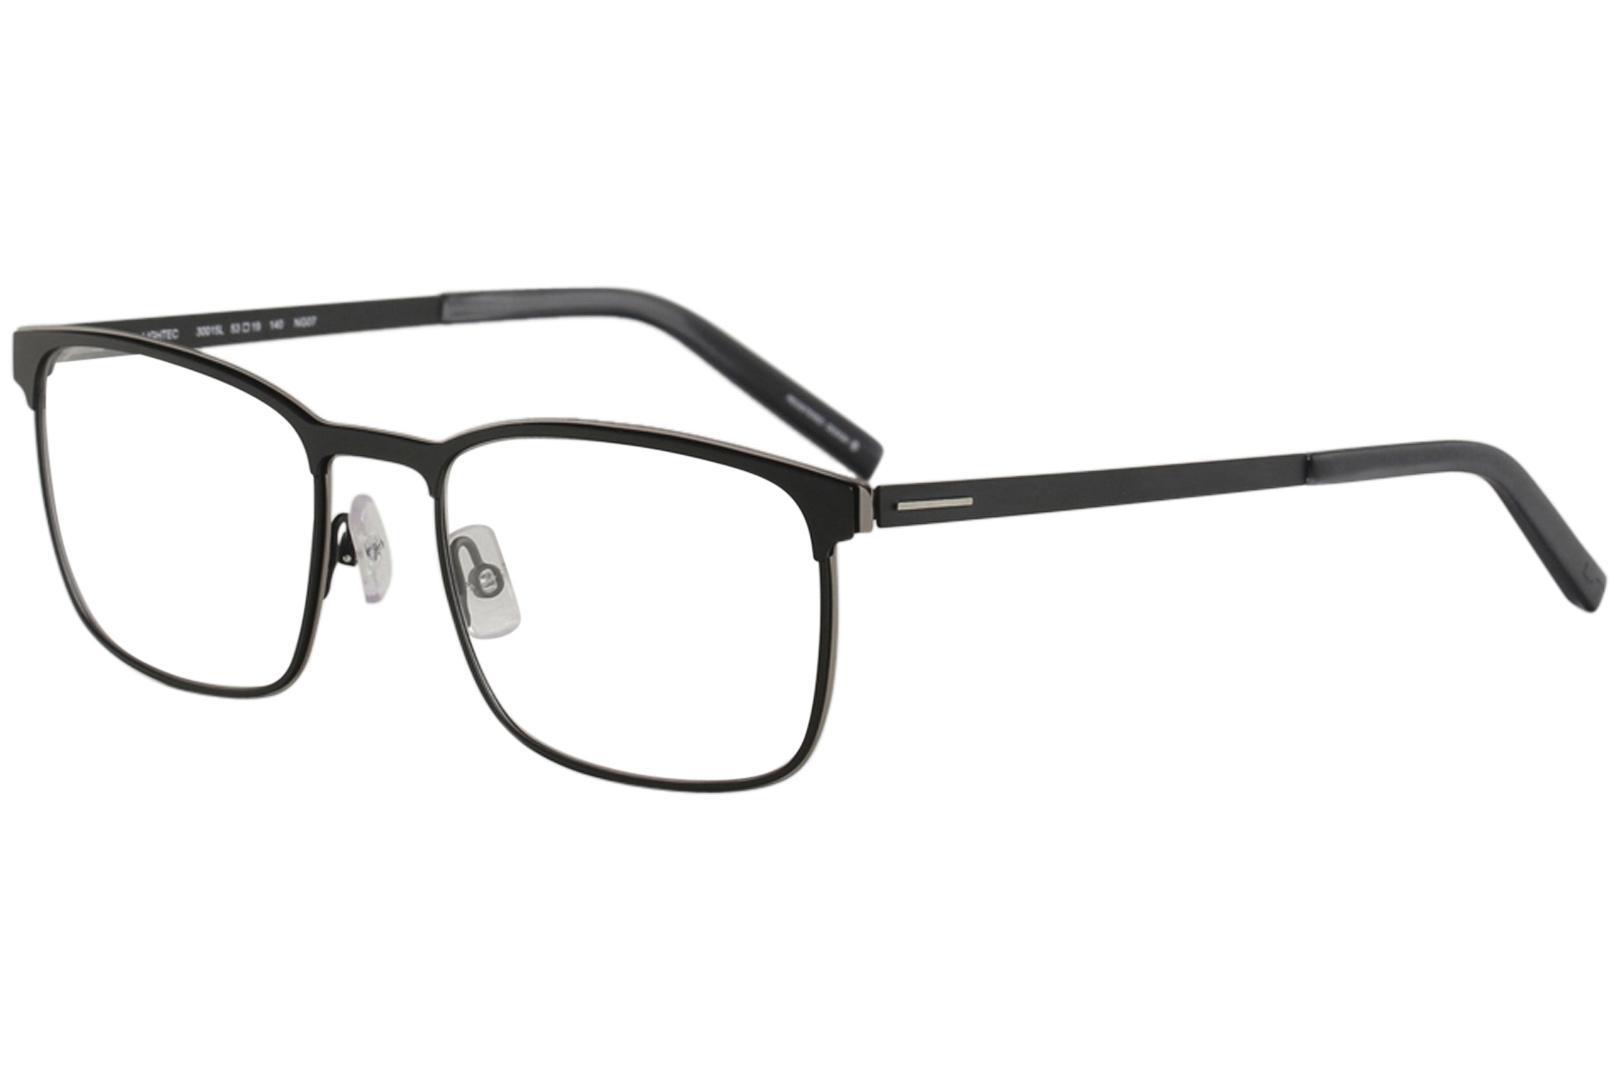 8defd4ae0bf6 Morel Men s Eyeglasses Lightec 30015L 30015 L Full Rim Optical Frame